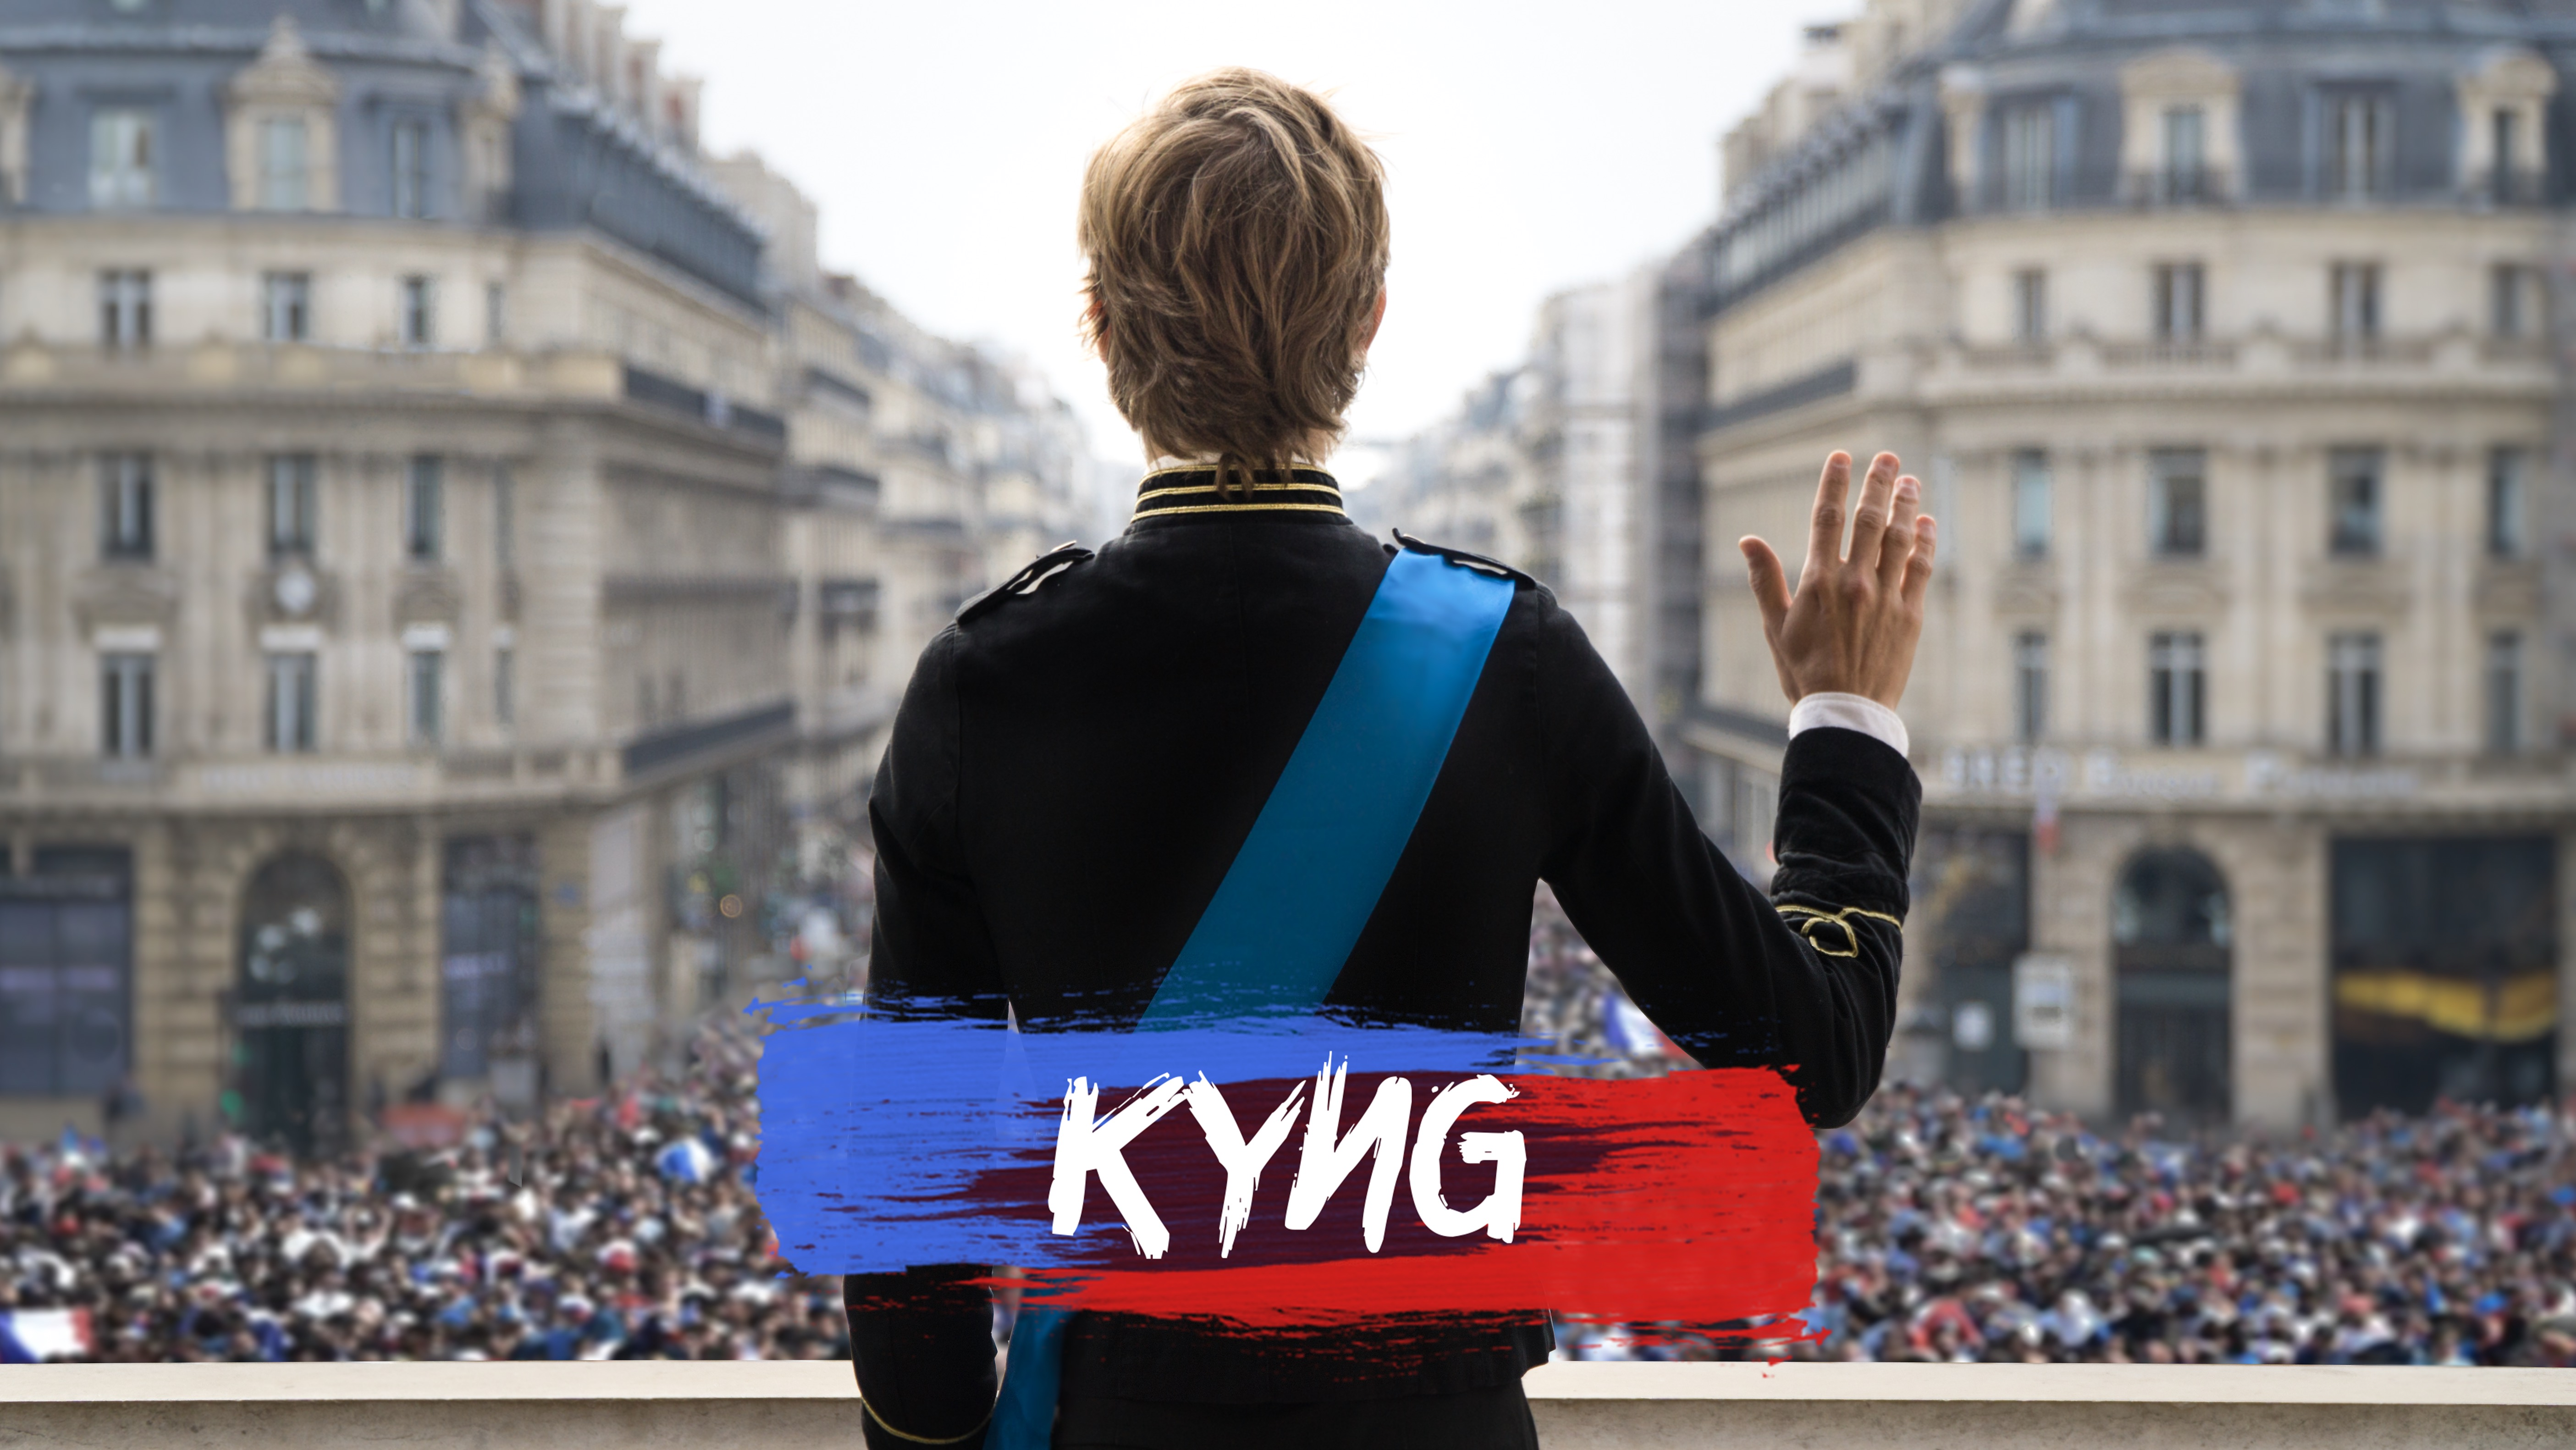 Roy/Kyng (2019)